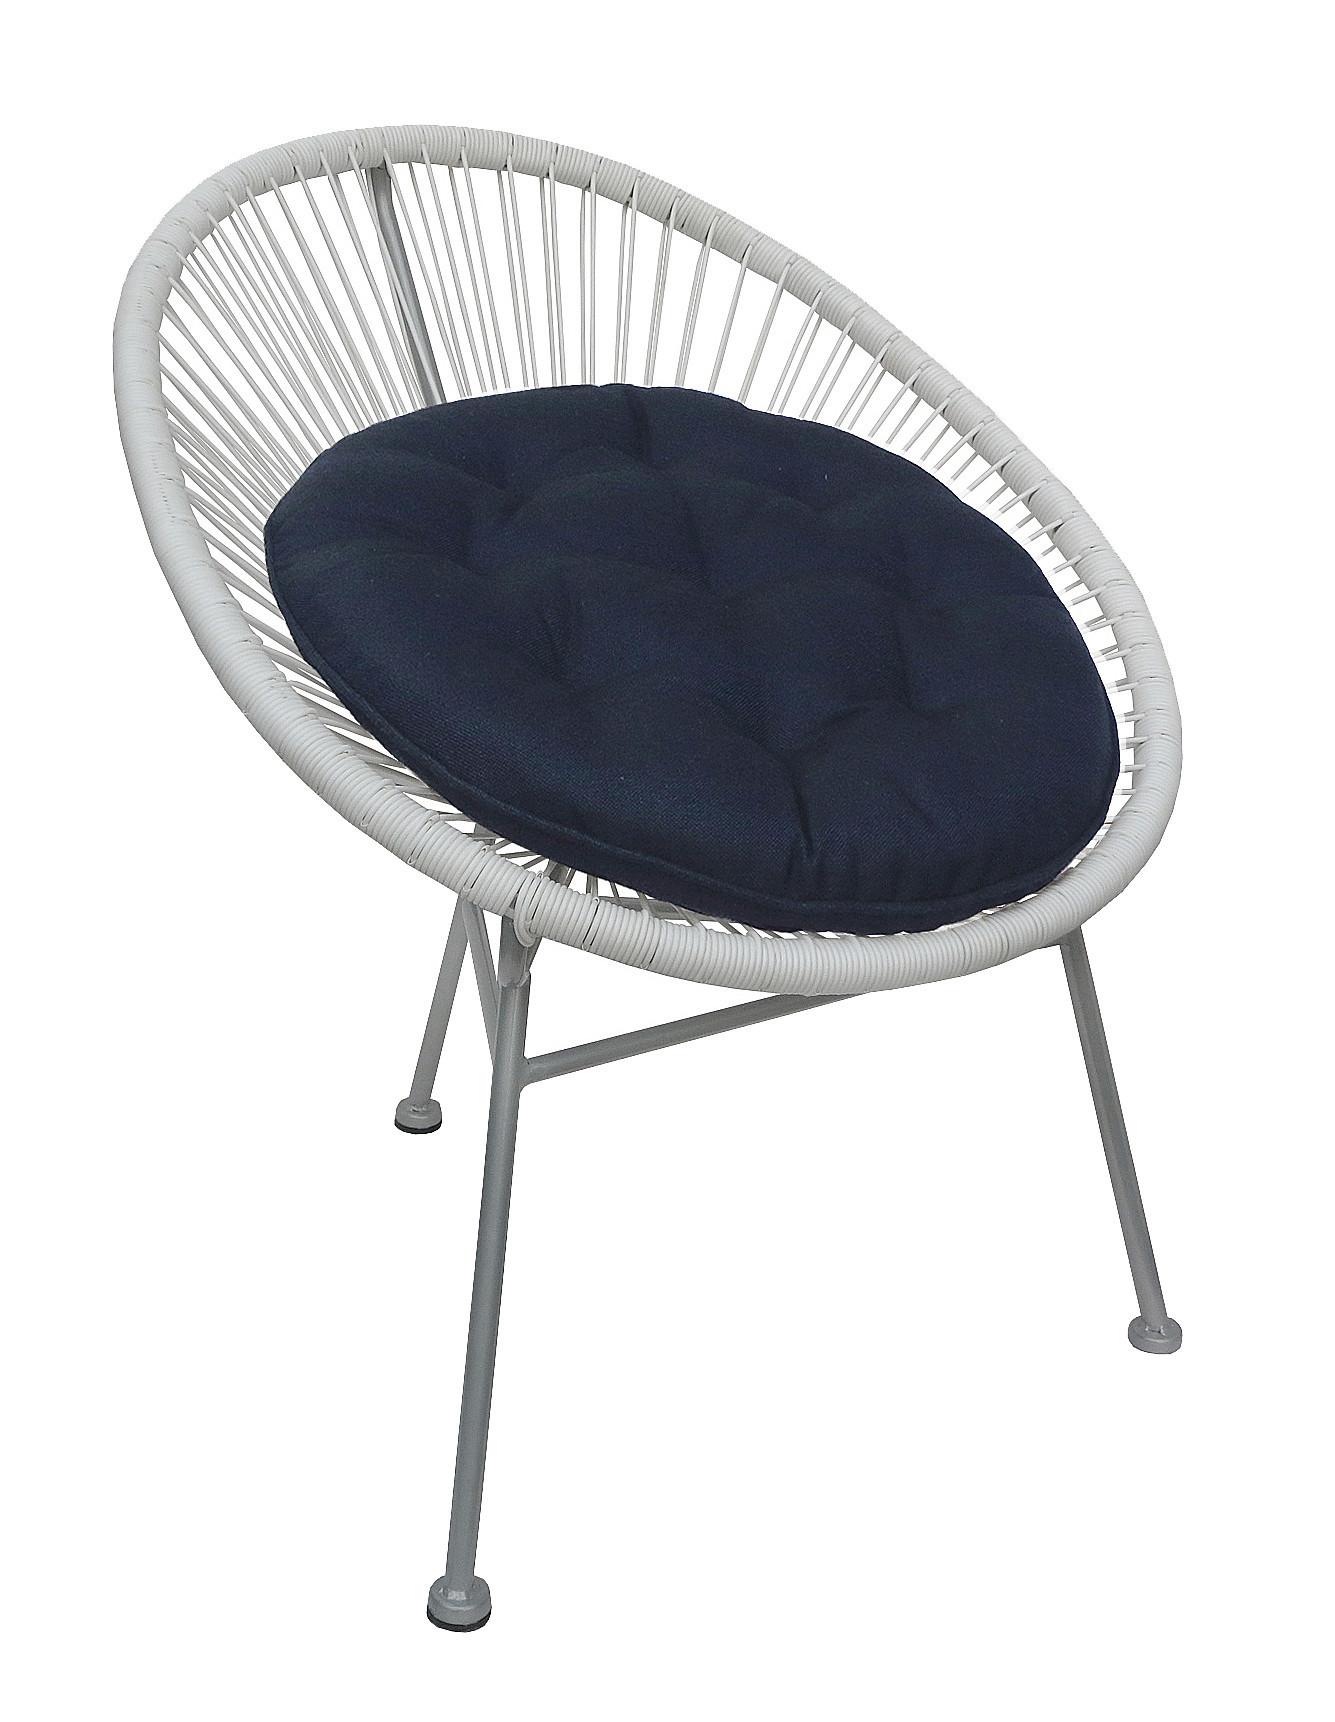 Alison Acapulco Chair Cushion